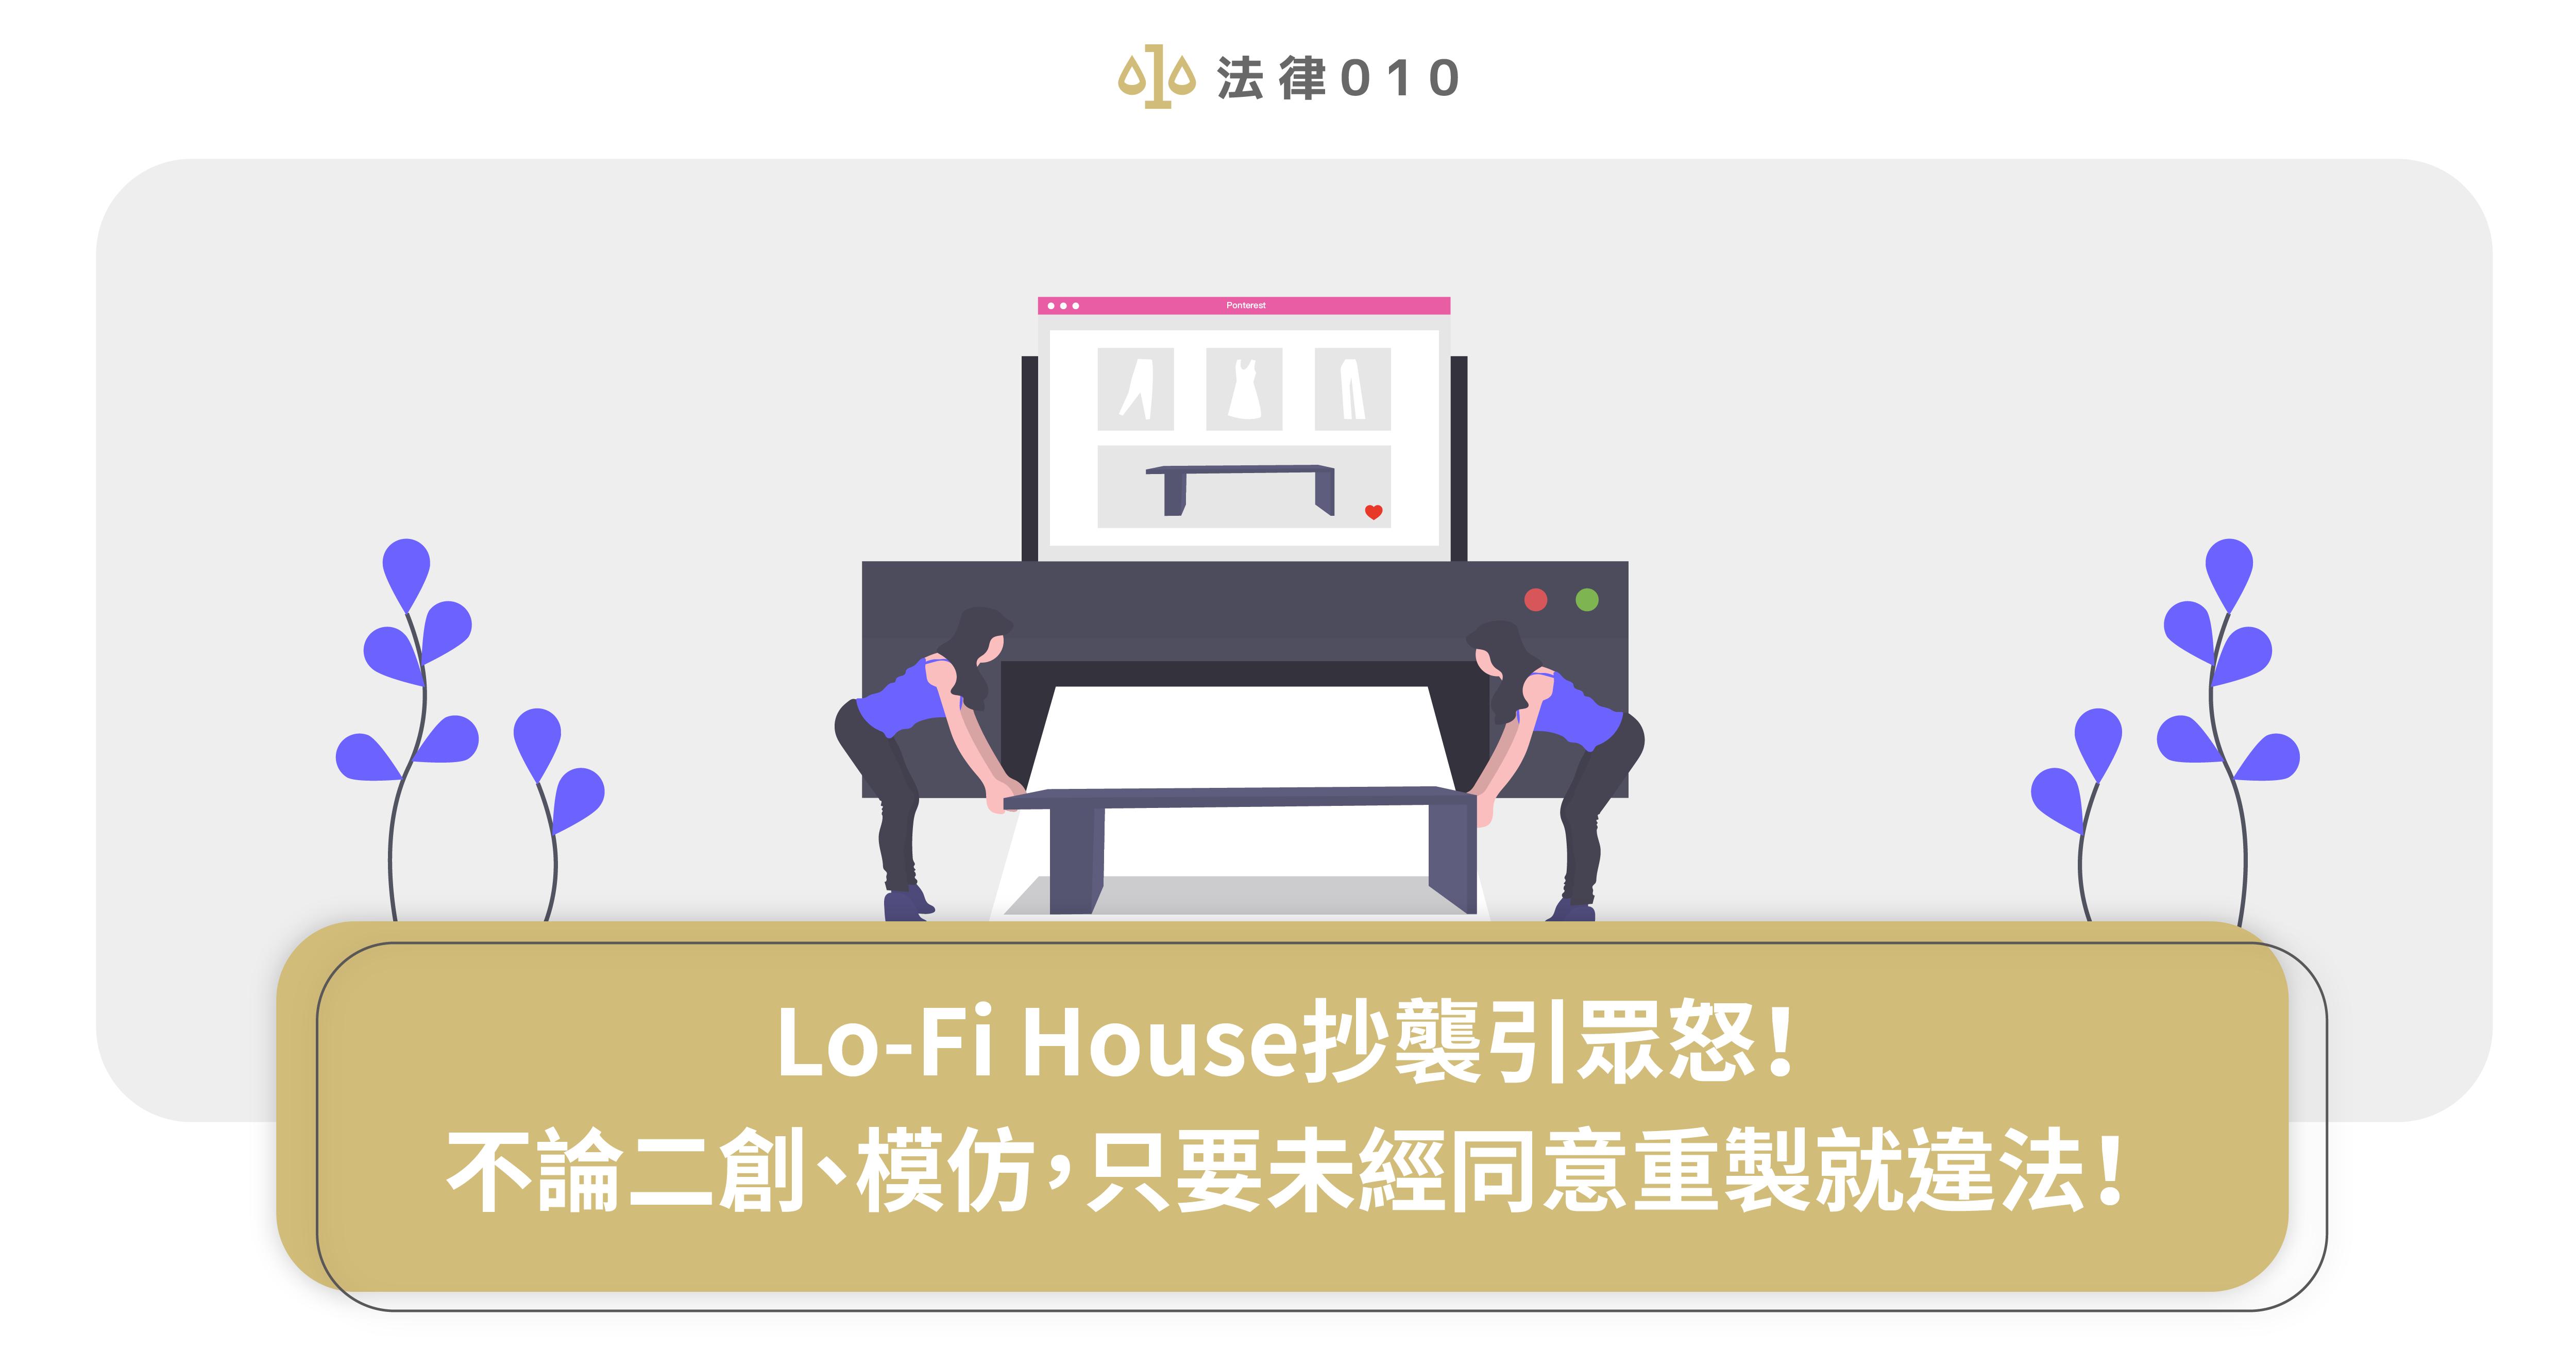 Lo-Fi House抄襲風暴全集,網怒批:道個歉就沒違法了嗎?